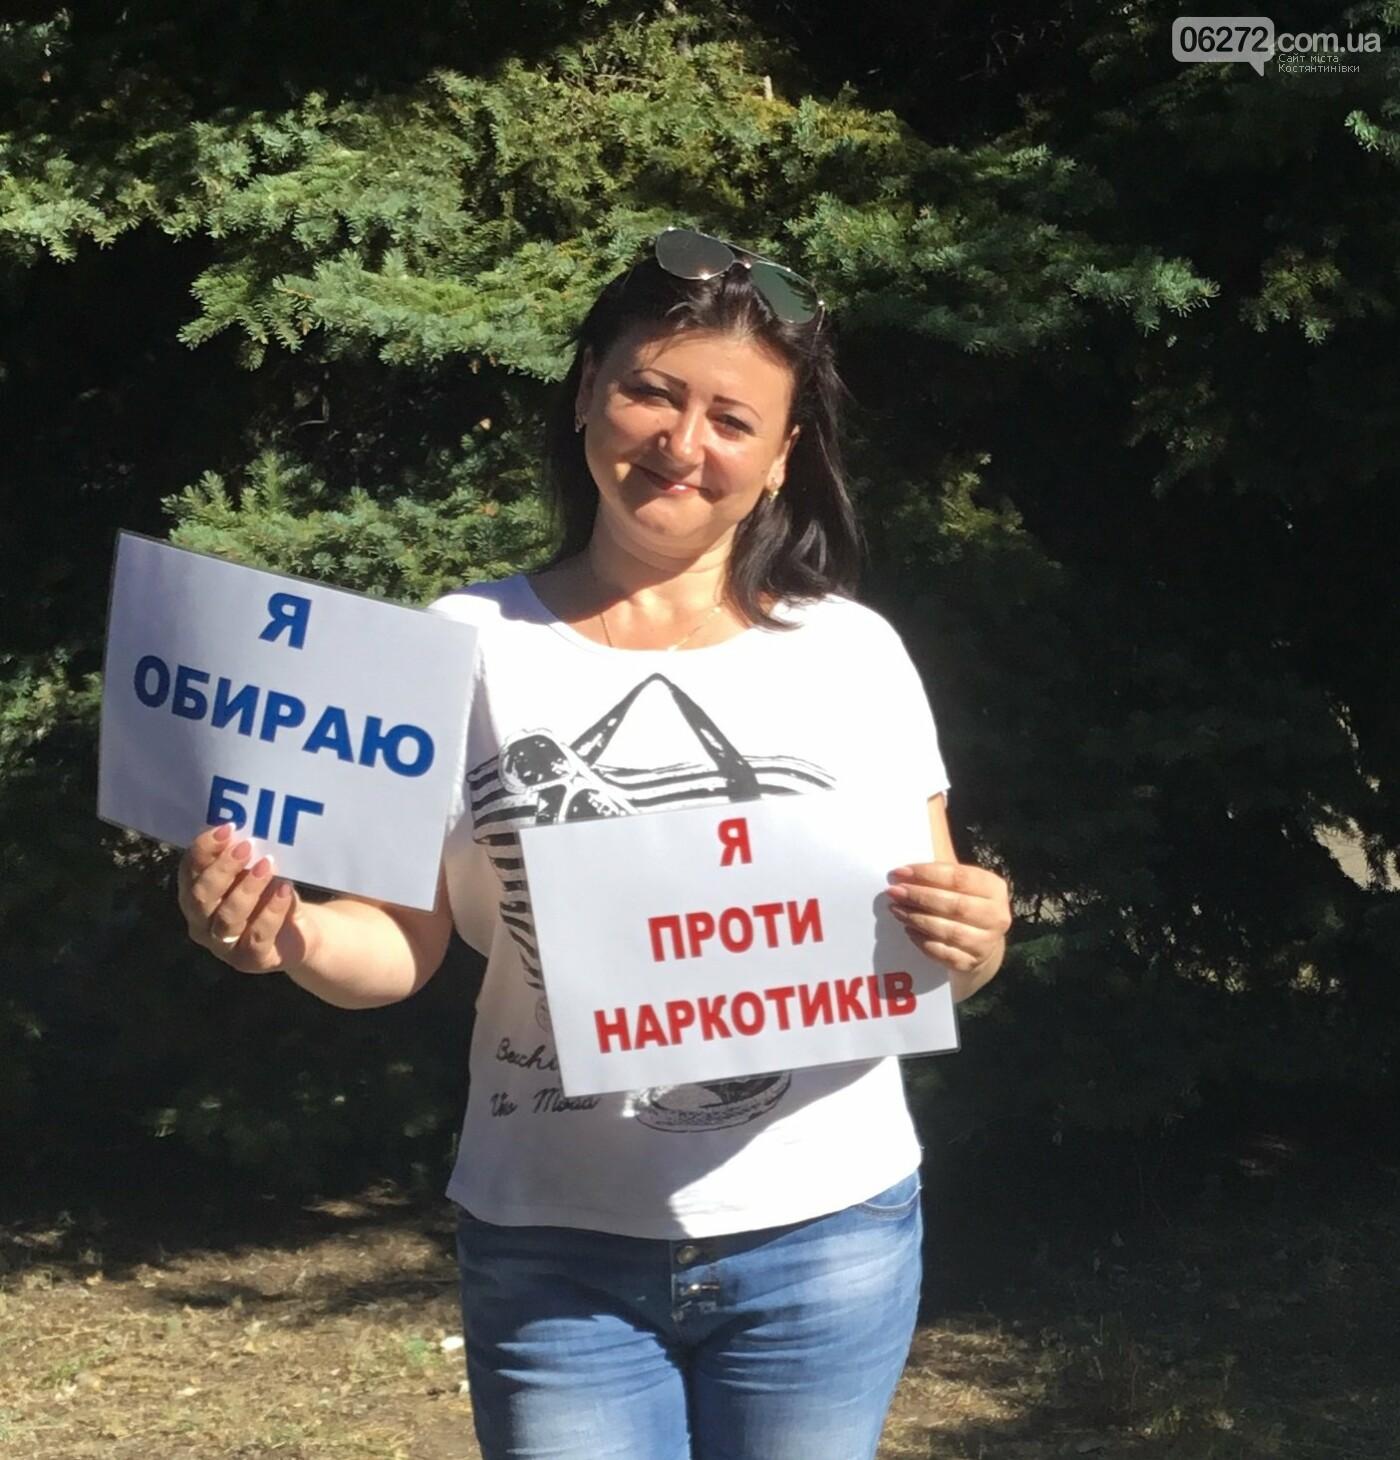 У Костянтинівці долучилися до забігу #ЯпротиНаркотиків #ЯОбираюБіг #УкраїнаБіжить, фото-5